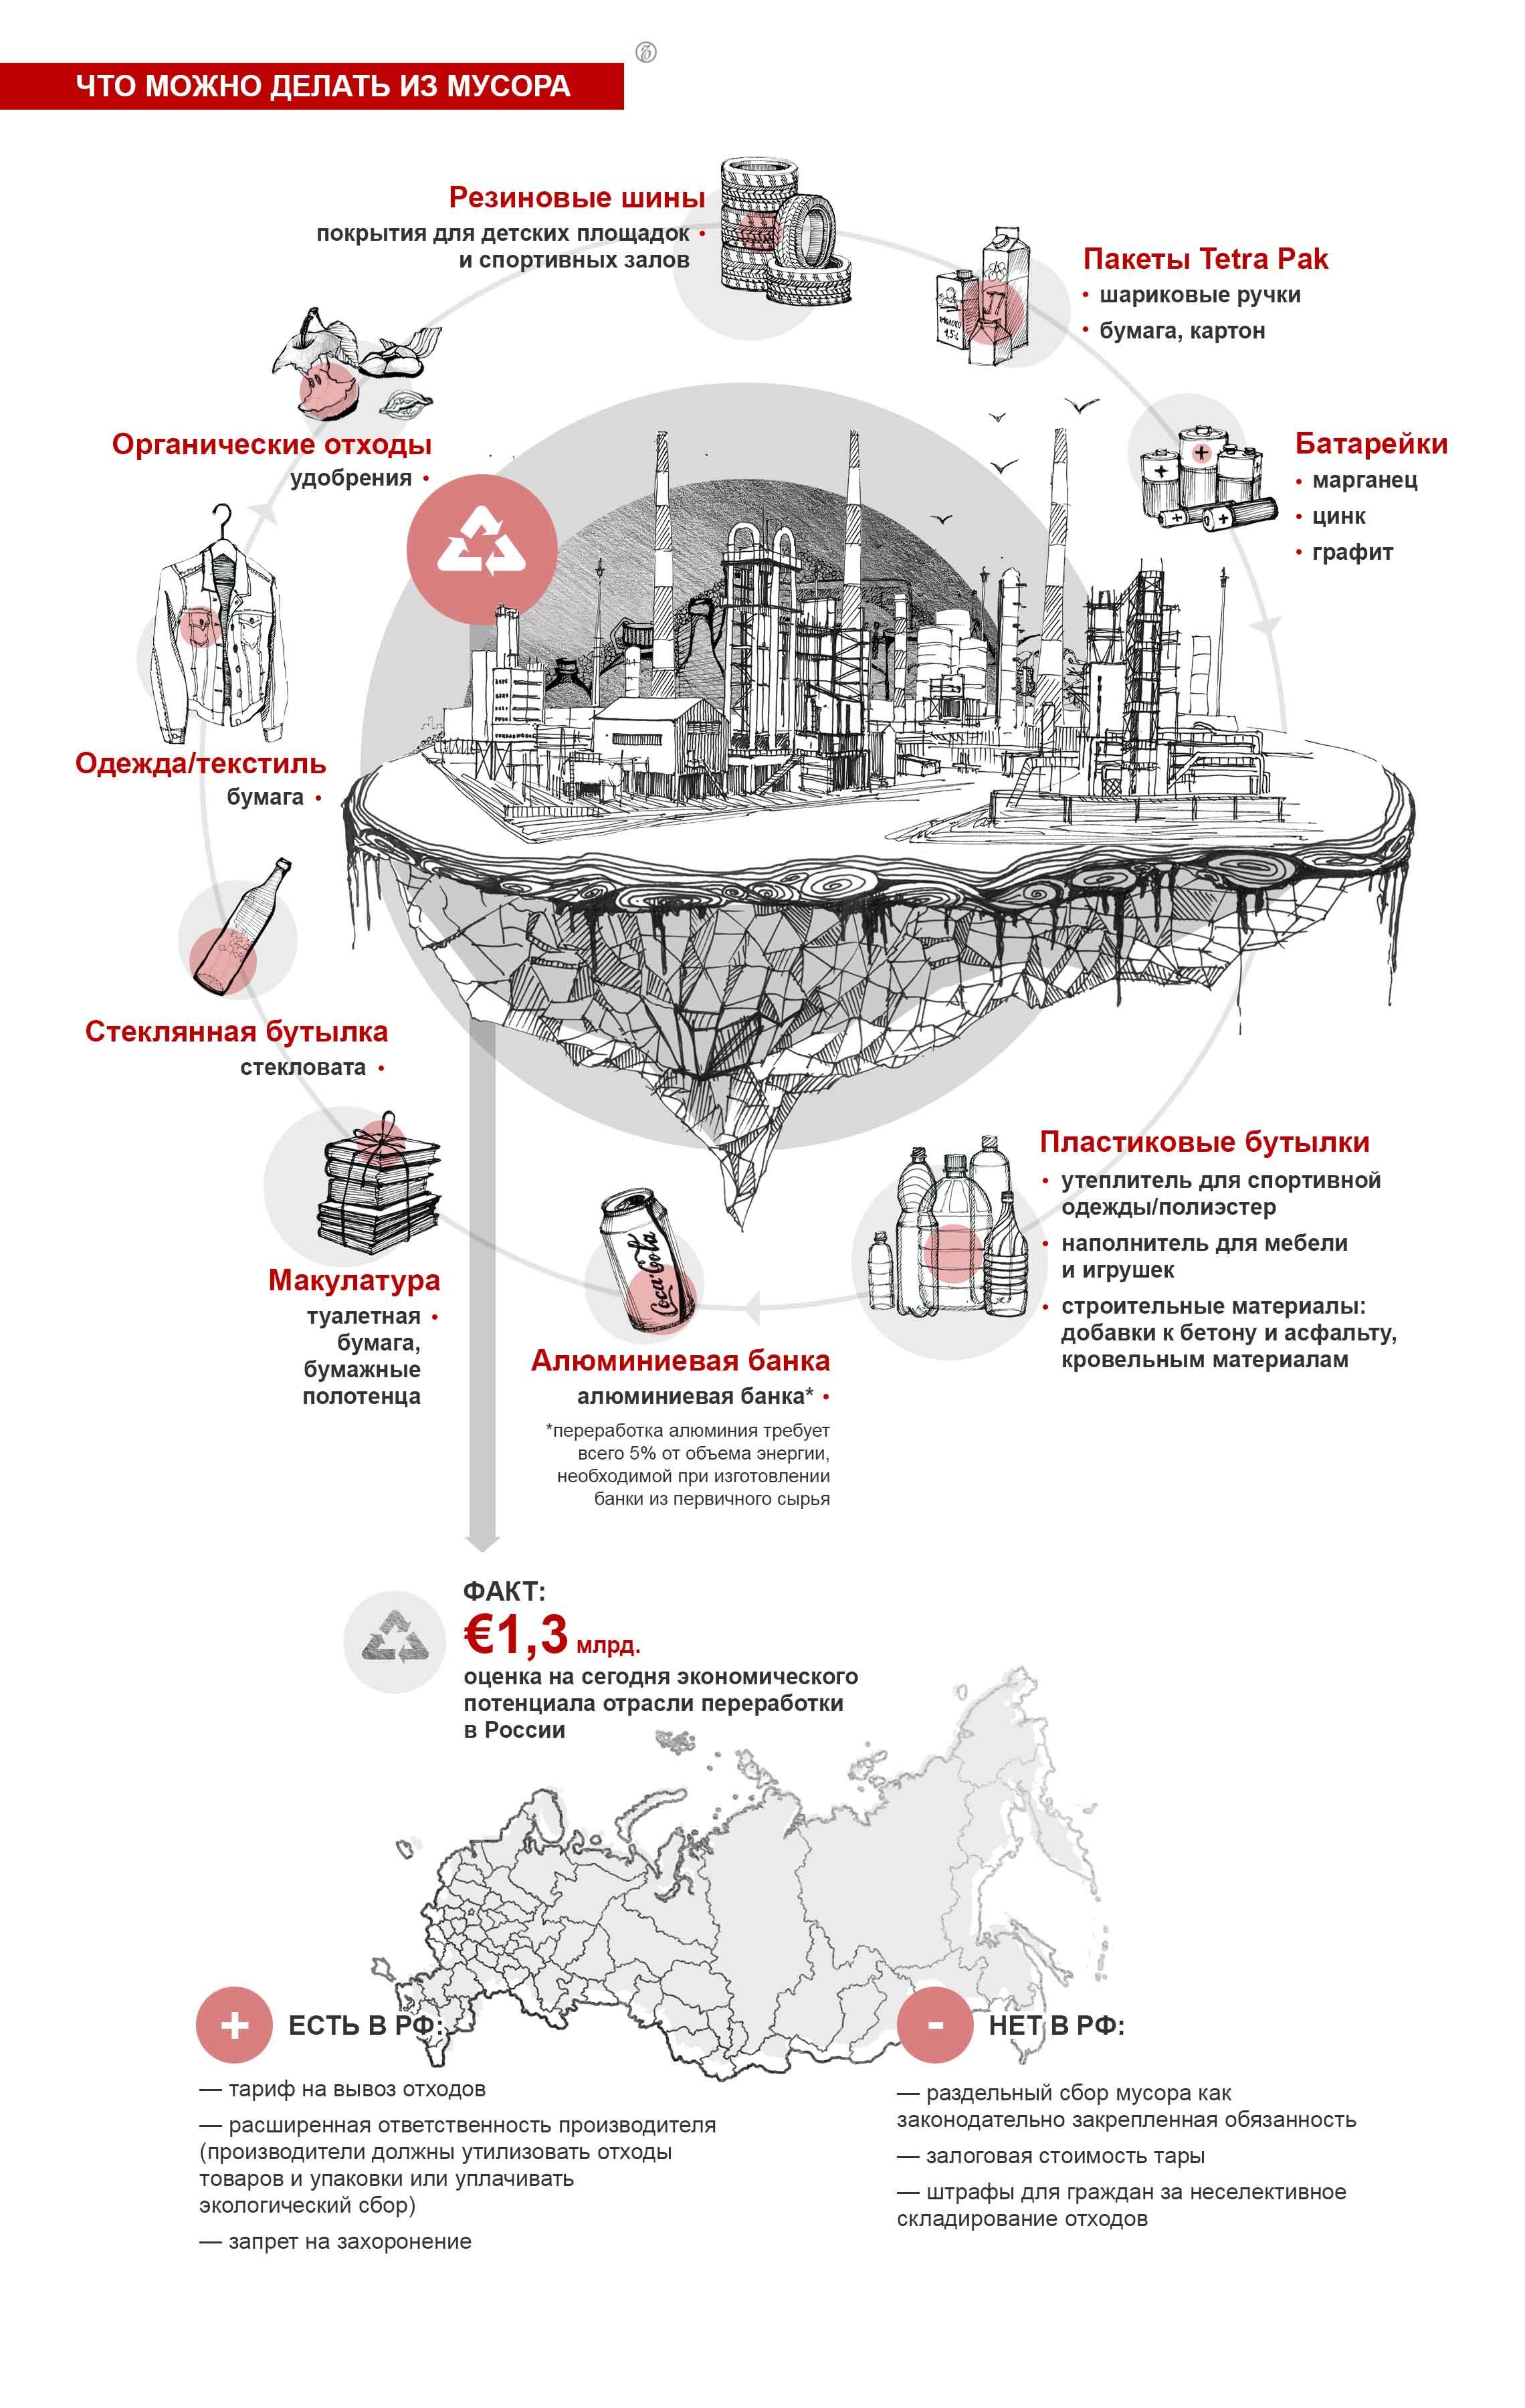 Инфографика: Что можно делать из мусора